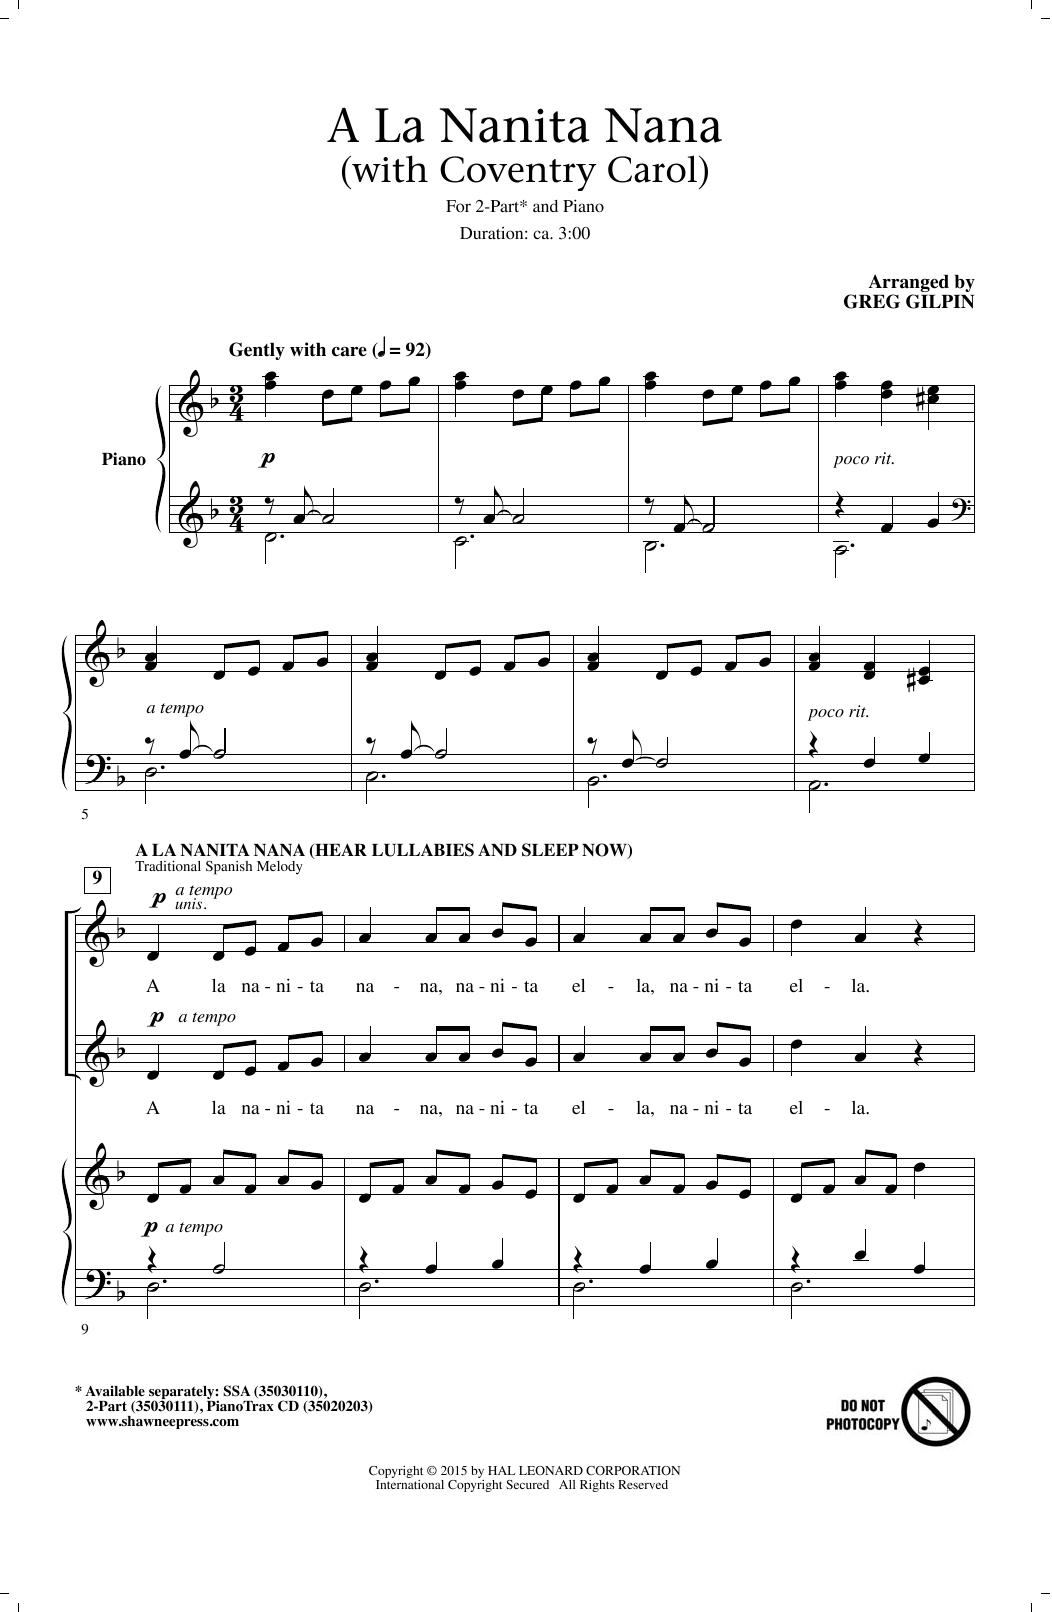 Greg Gilpin A La Nanita Nana (Hear Lullabies And Sleep Now) sheet music notes and chords